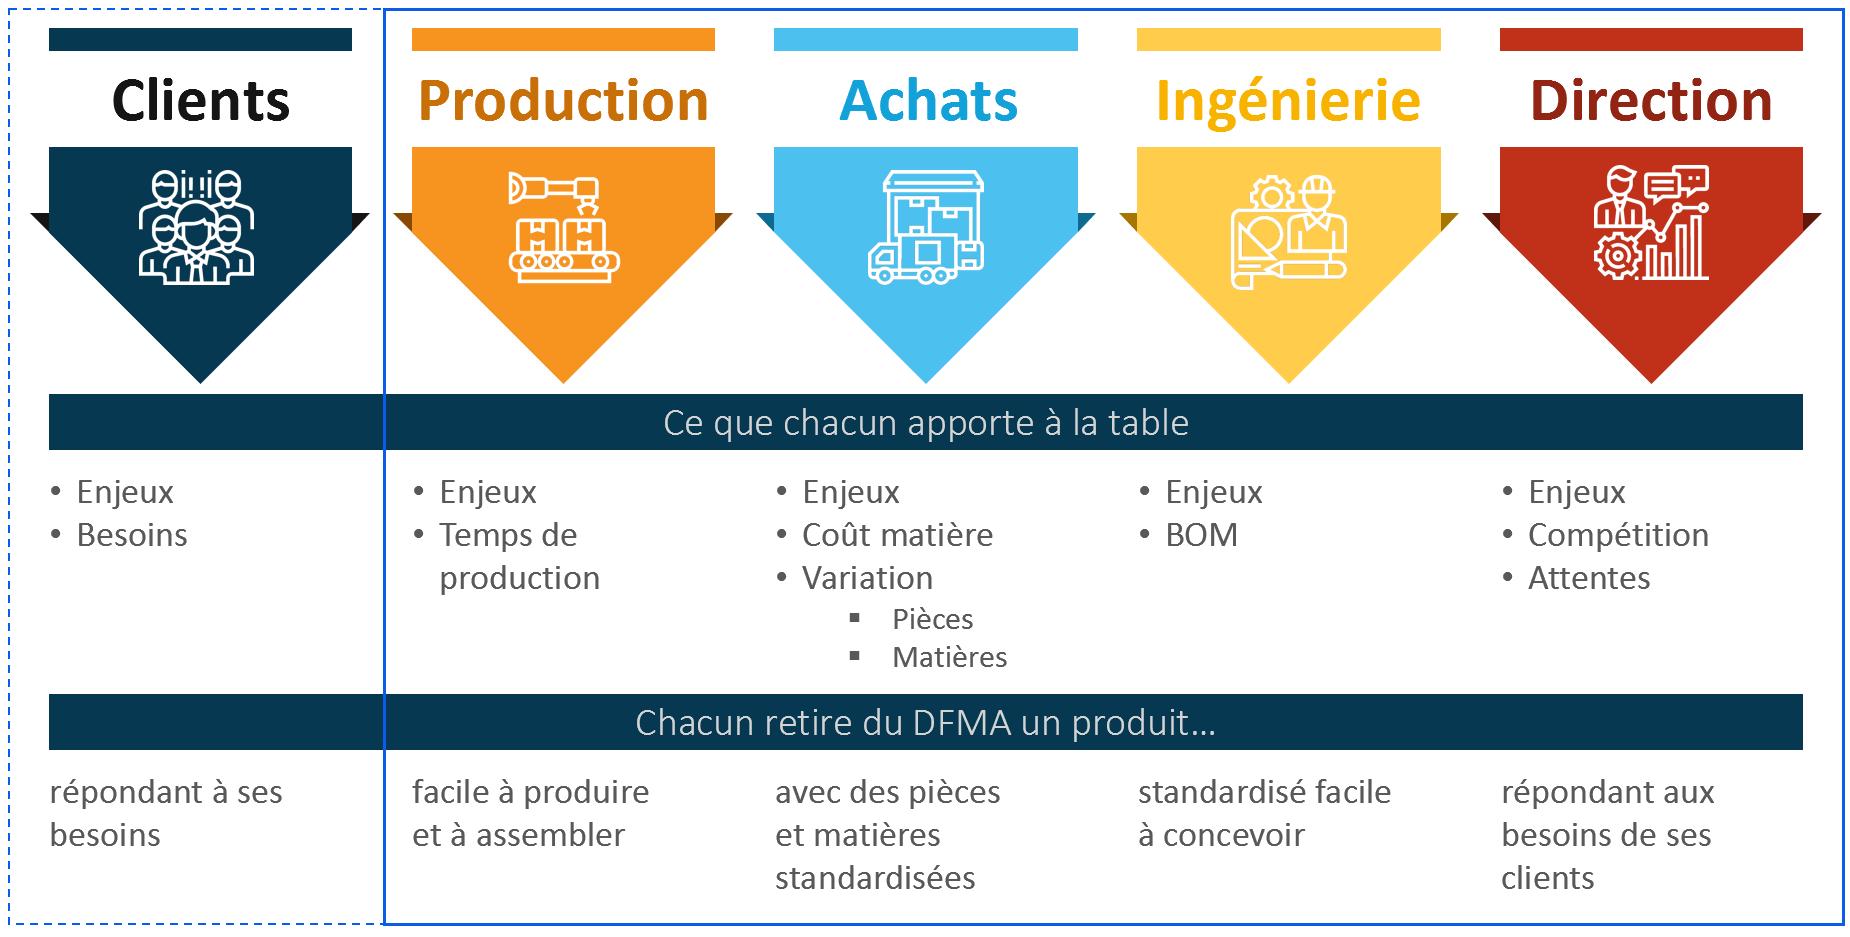 DFMA - Atelier multifonctionnel optimisation de produit - Createch